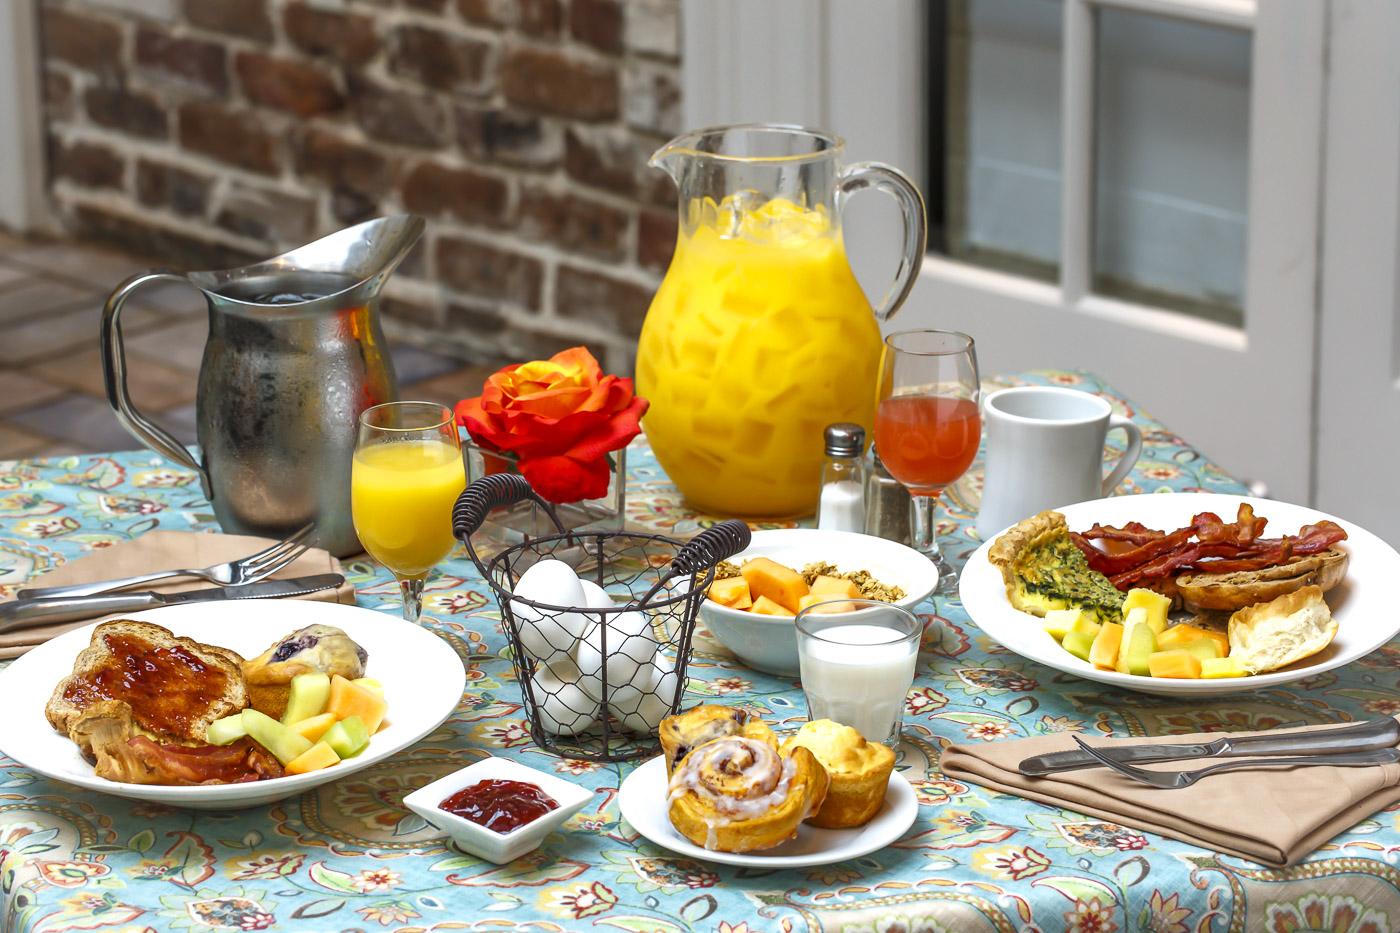 کسانی که این صبحانه را بخورند در روز انرژی بیشتری دارند